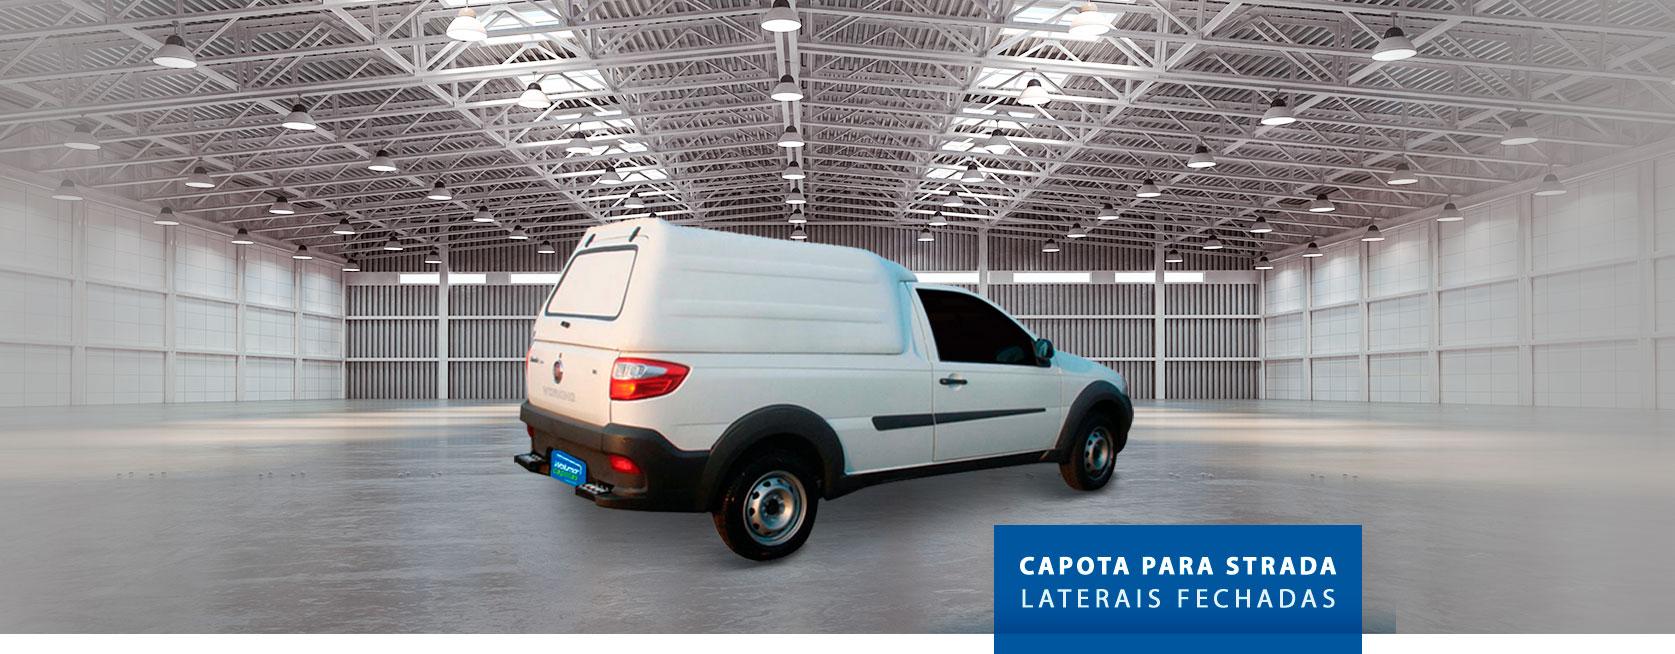 Laterais Fechadas - Capota de Fibra Fiat Strada